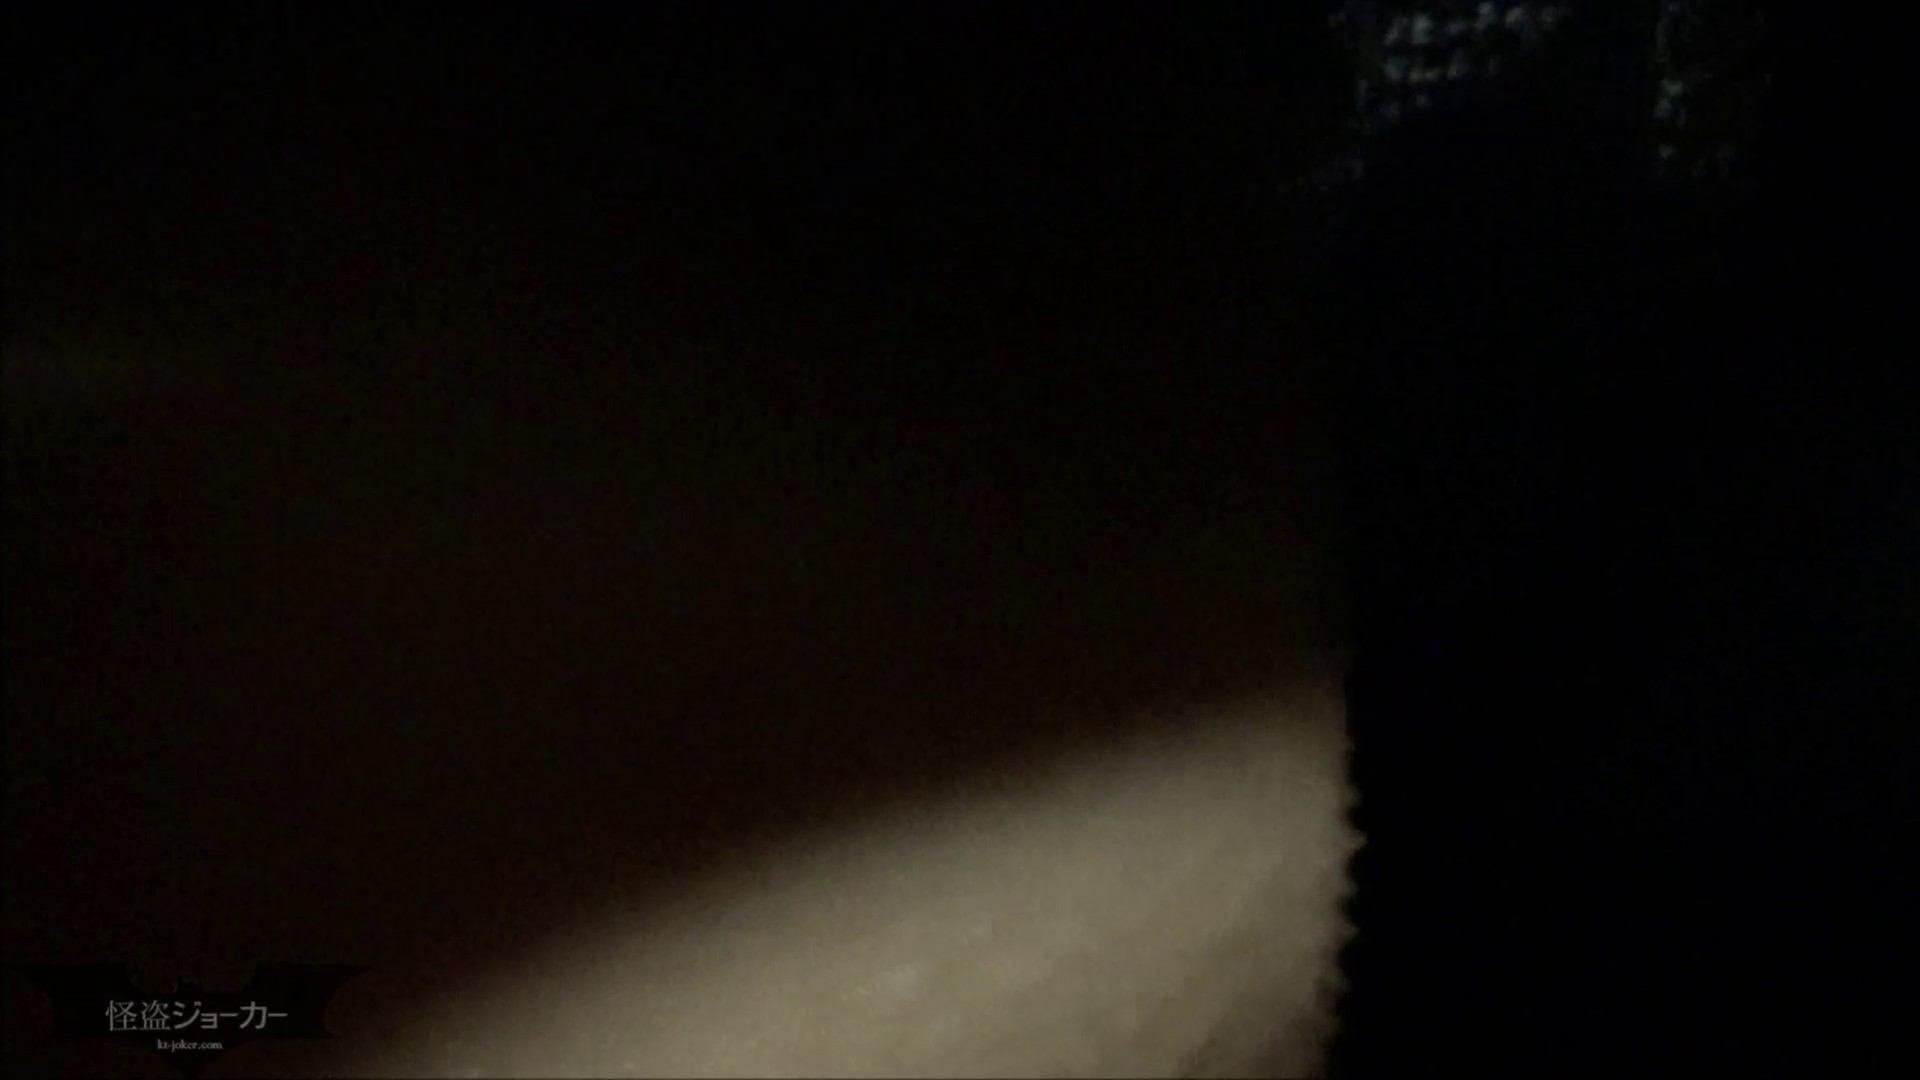 【未公開】vol.100 {5人の無警戒女たち}終電を逃した末路ww 美人   OL女体  93連発 64